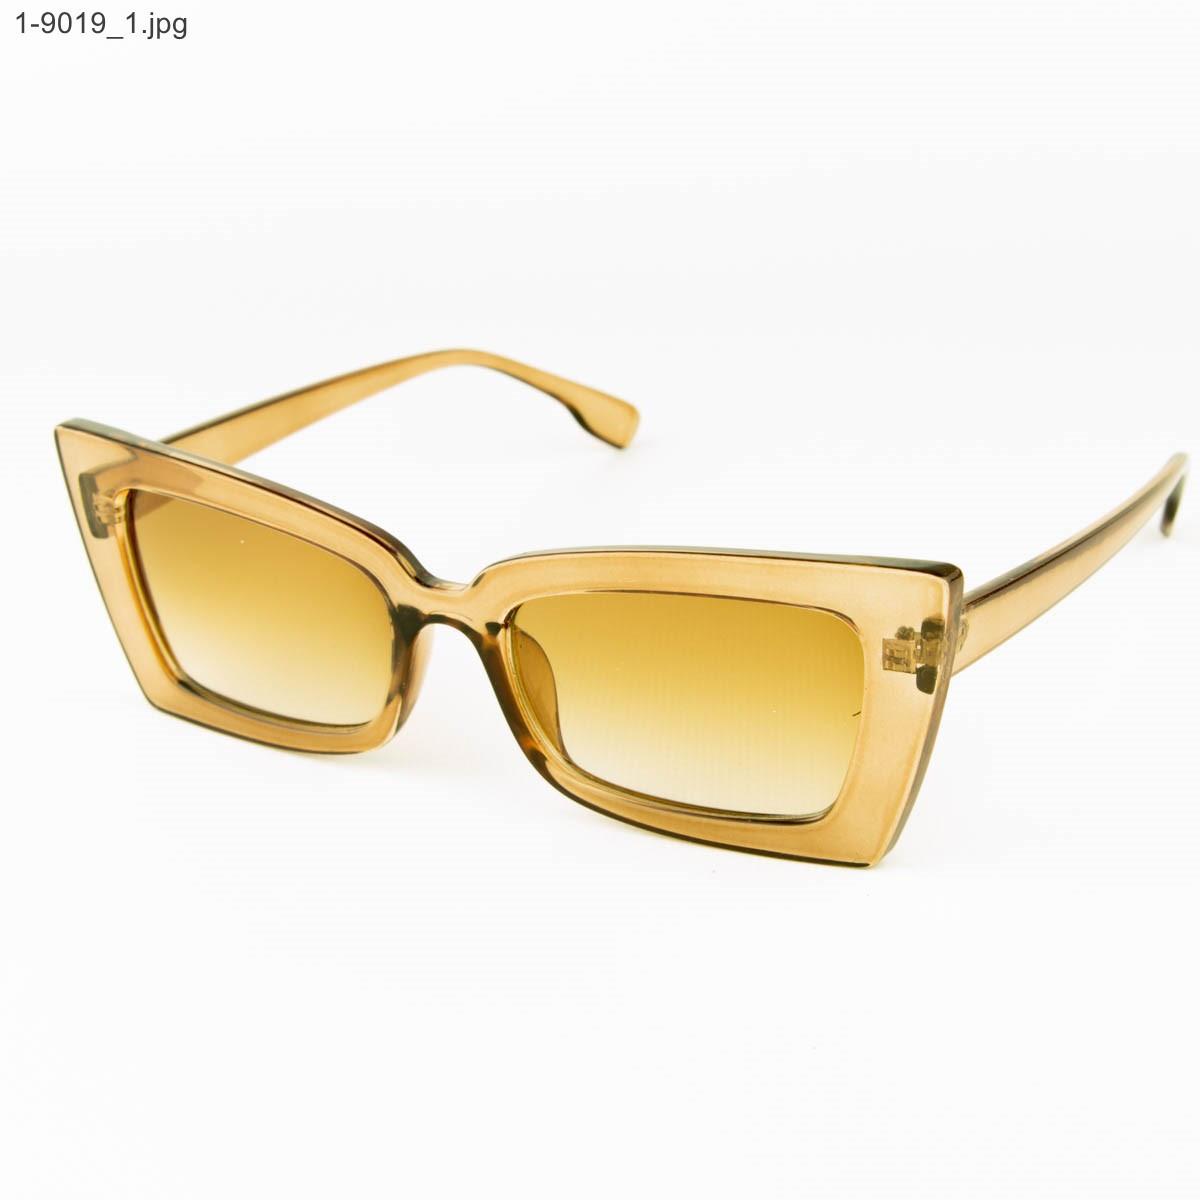 Оптом стильные женские солнцезащитные очки - Янтарные - 1-9019